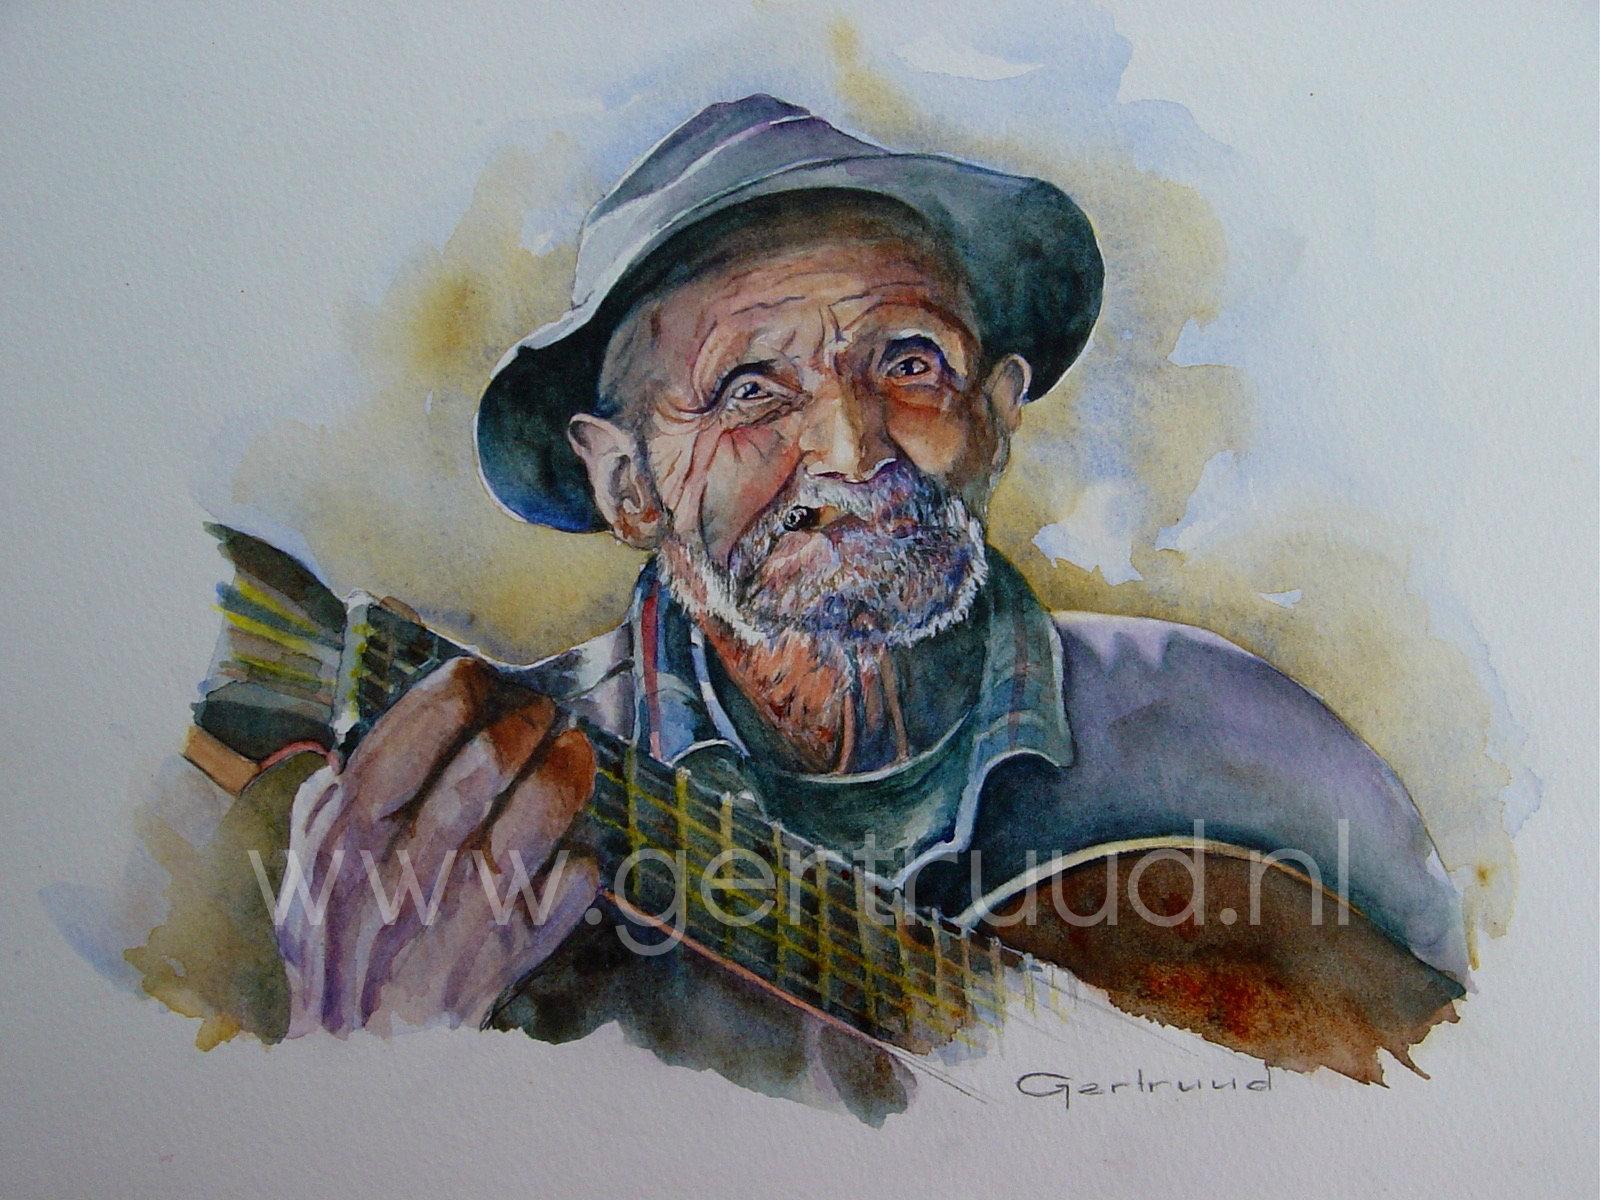 Oude man 1 watermerk